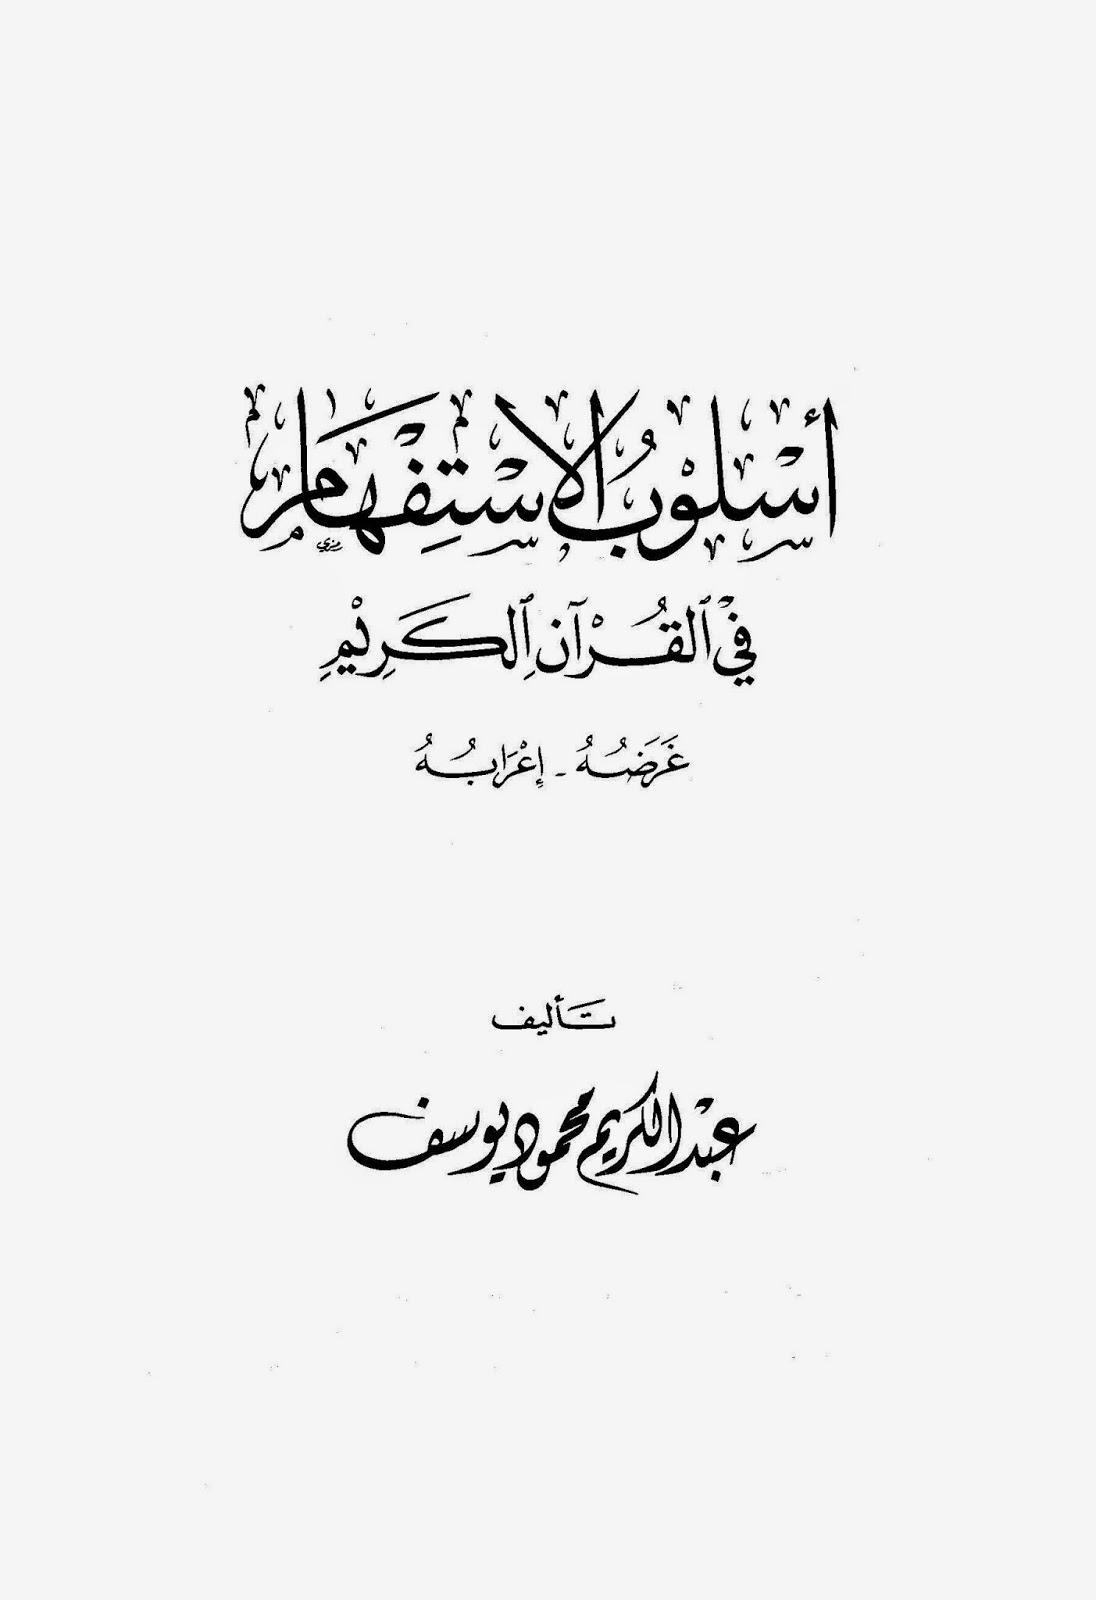 أسلوب الإستفهام في القرآن الكريم: غرضه إعرابه - عبد الكريم محمد يوسف pdf